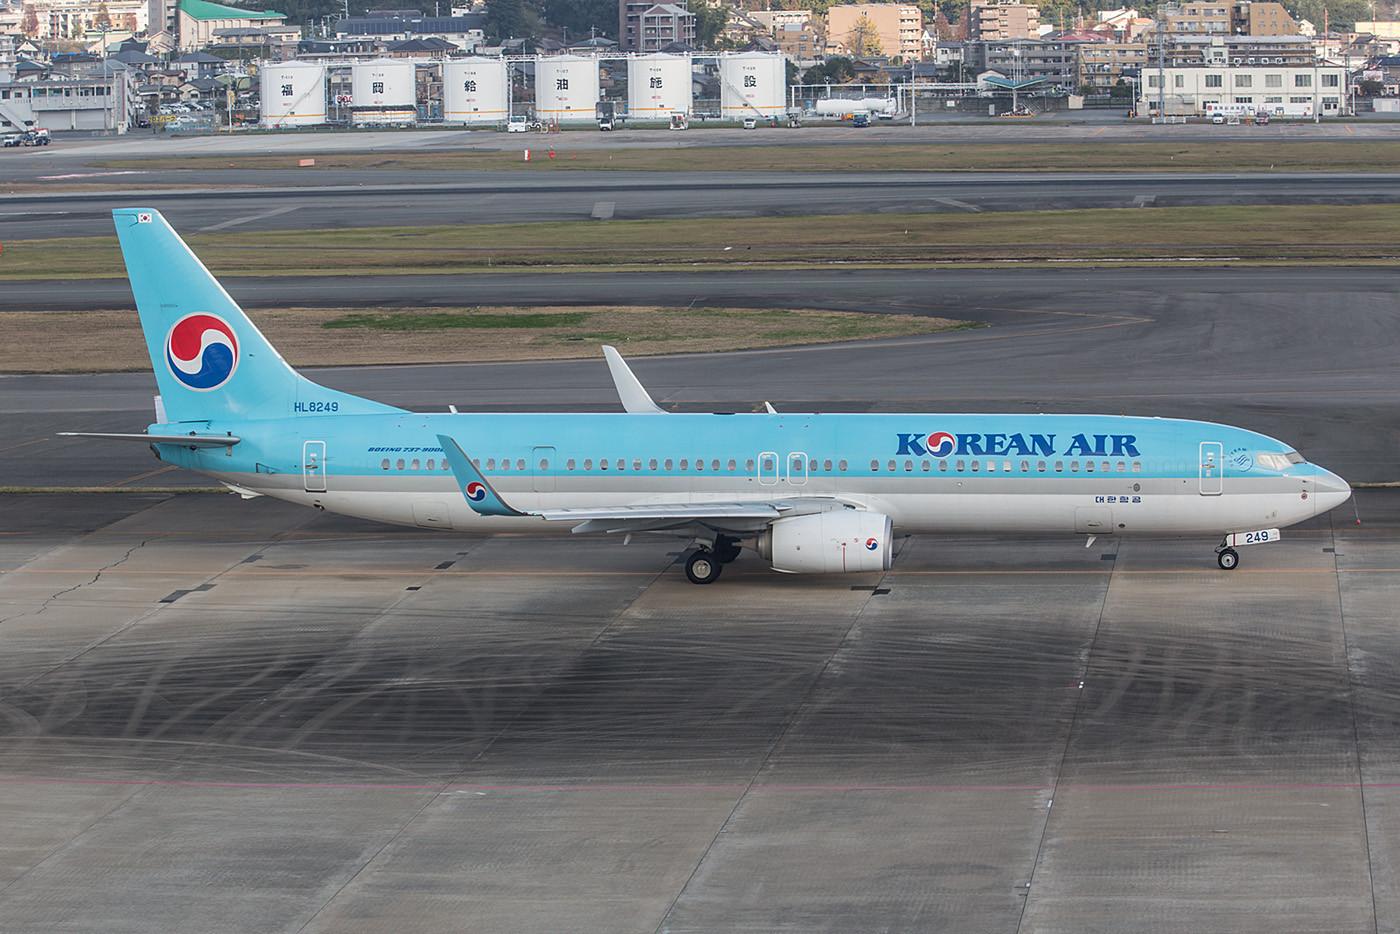 Boeing 737-900 der Korean Airlines, um eine ETOPS-Freigabe zu erhalten mußte hinter der Tragfläche eine zusätzliche Tür eingebaut werden.